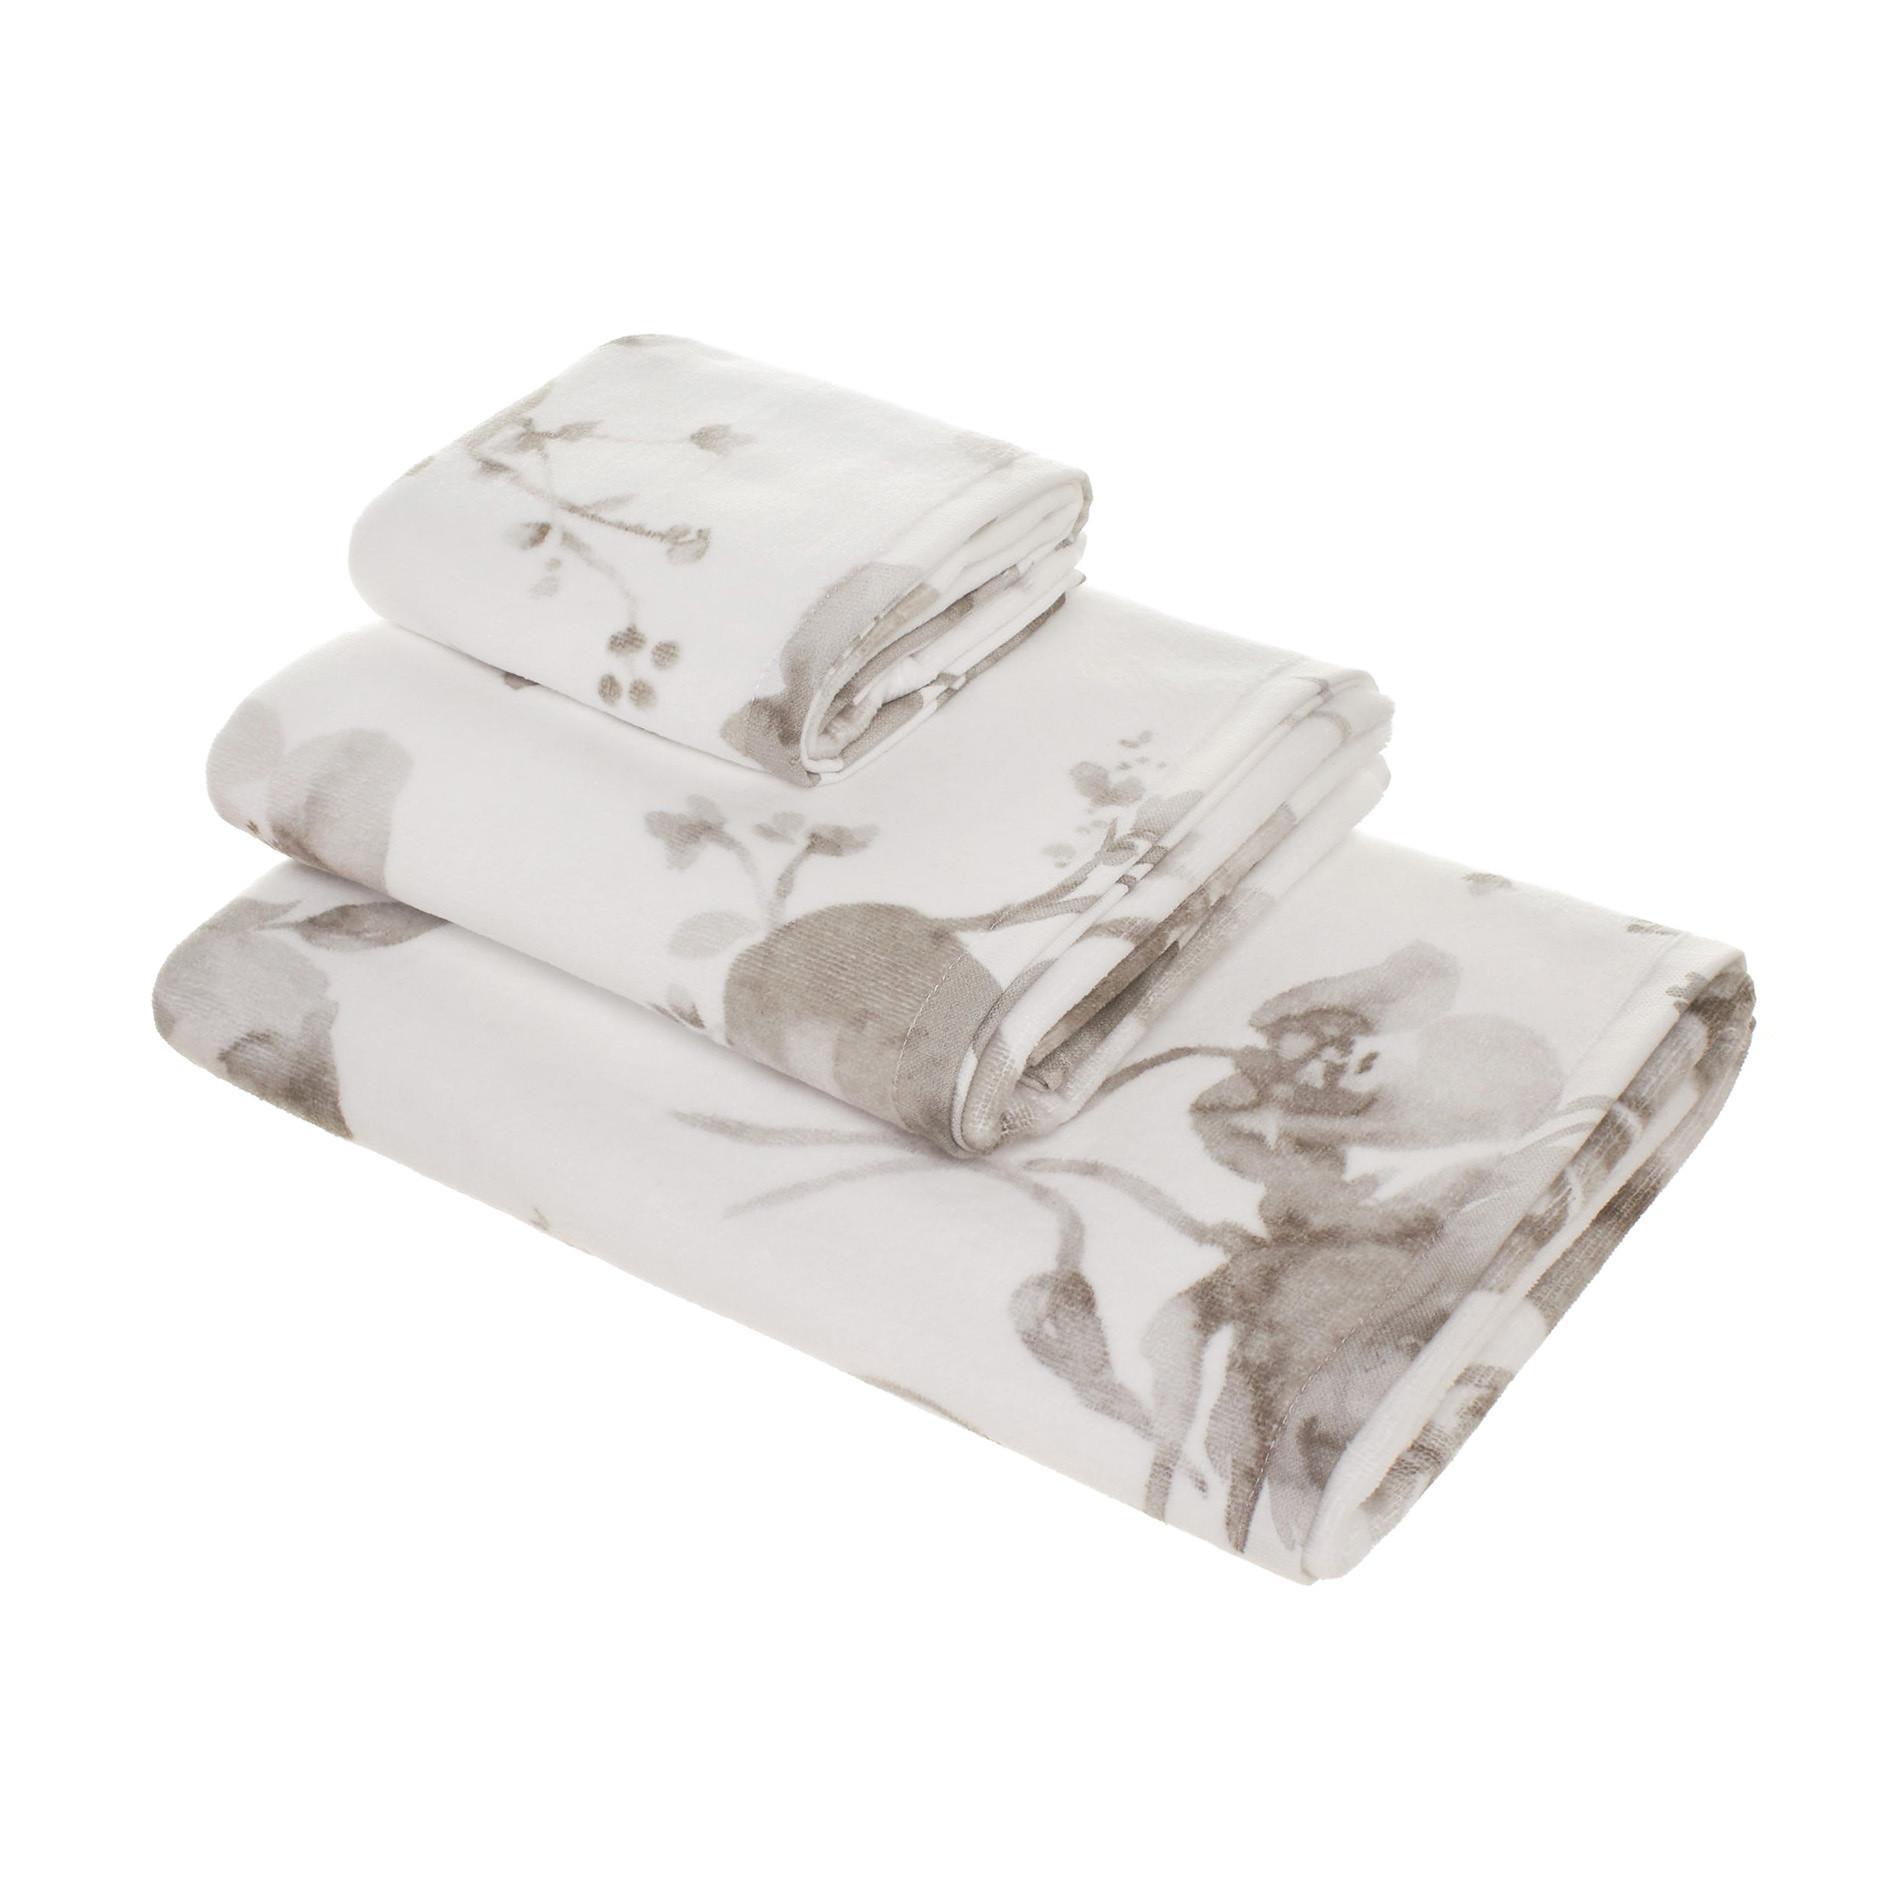 Asciugamano puro cotone floreale Portofino, Bianco/Grigio, large image number 0